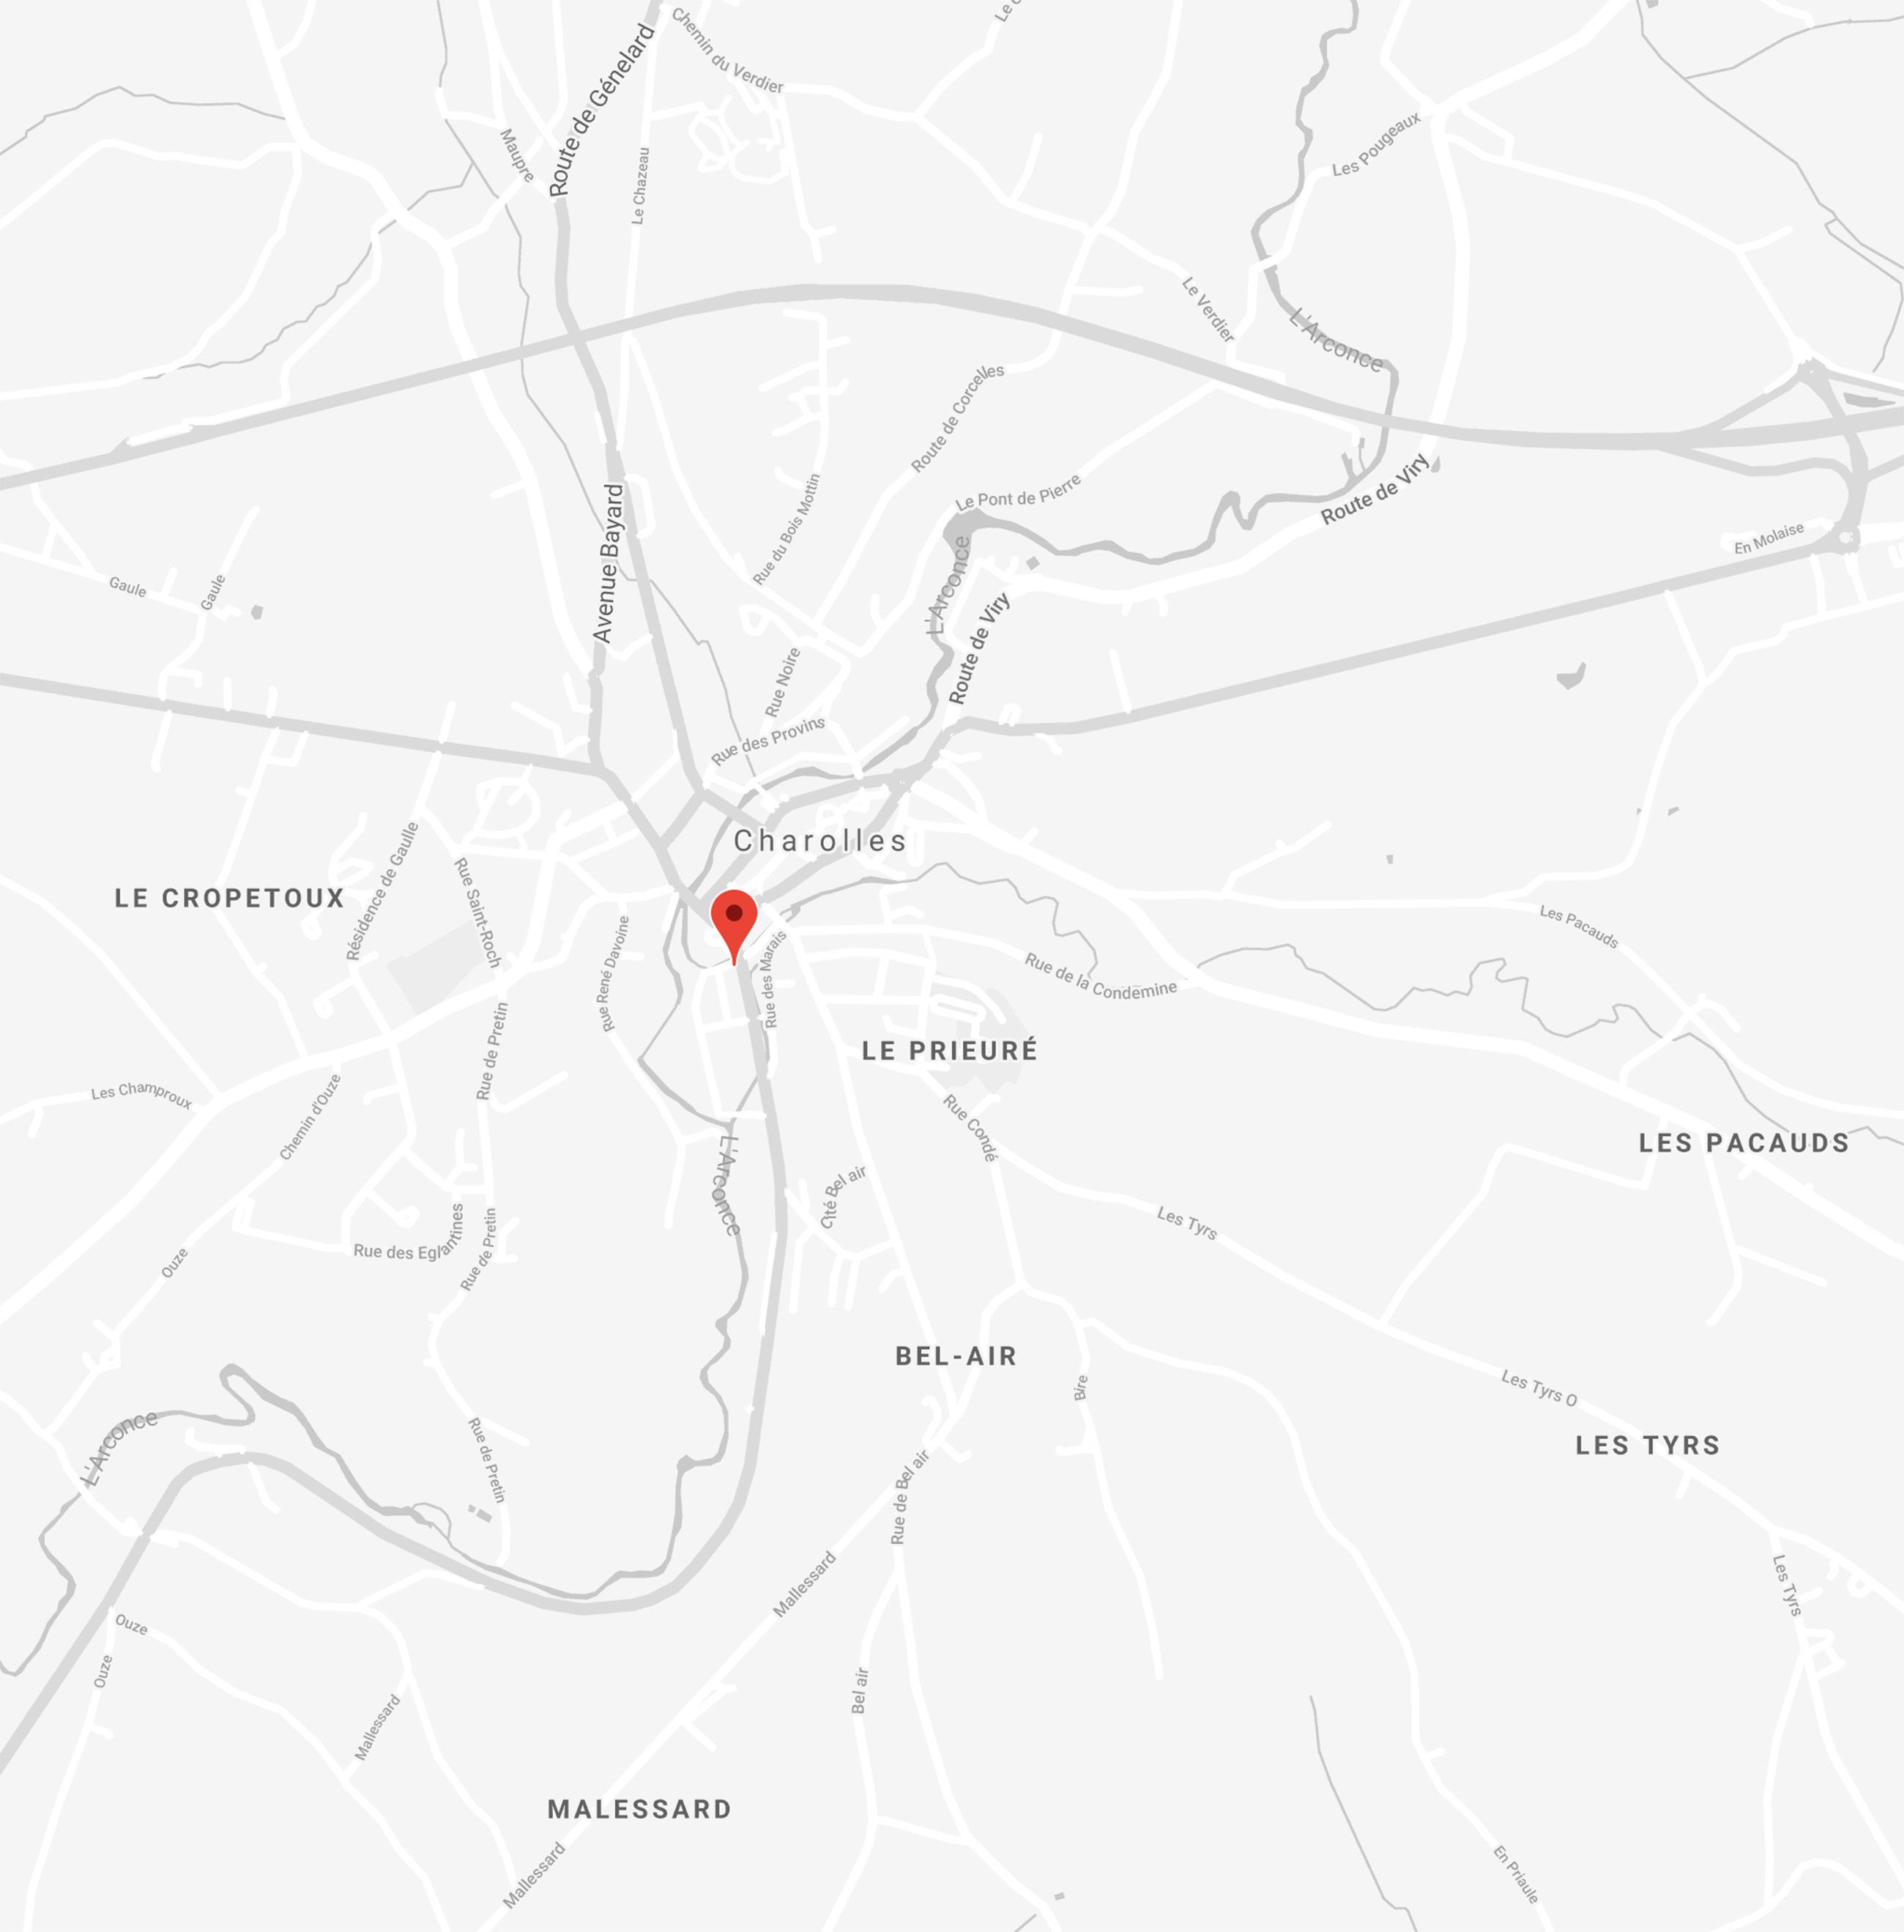 <span><span><span><span><span>Maison Doucet à Charolles en Bourgogne </span></span></span></span></span>